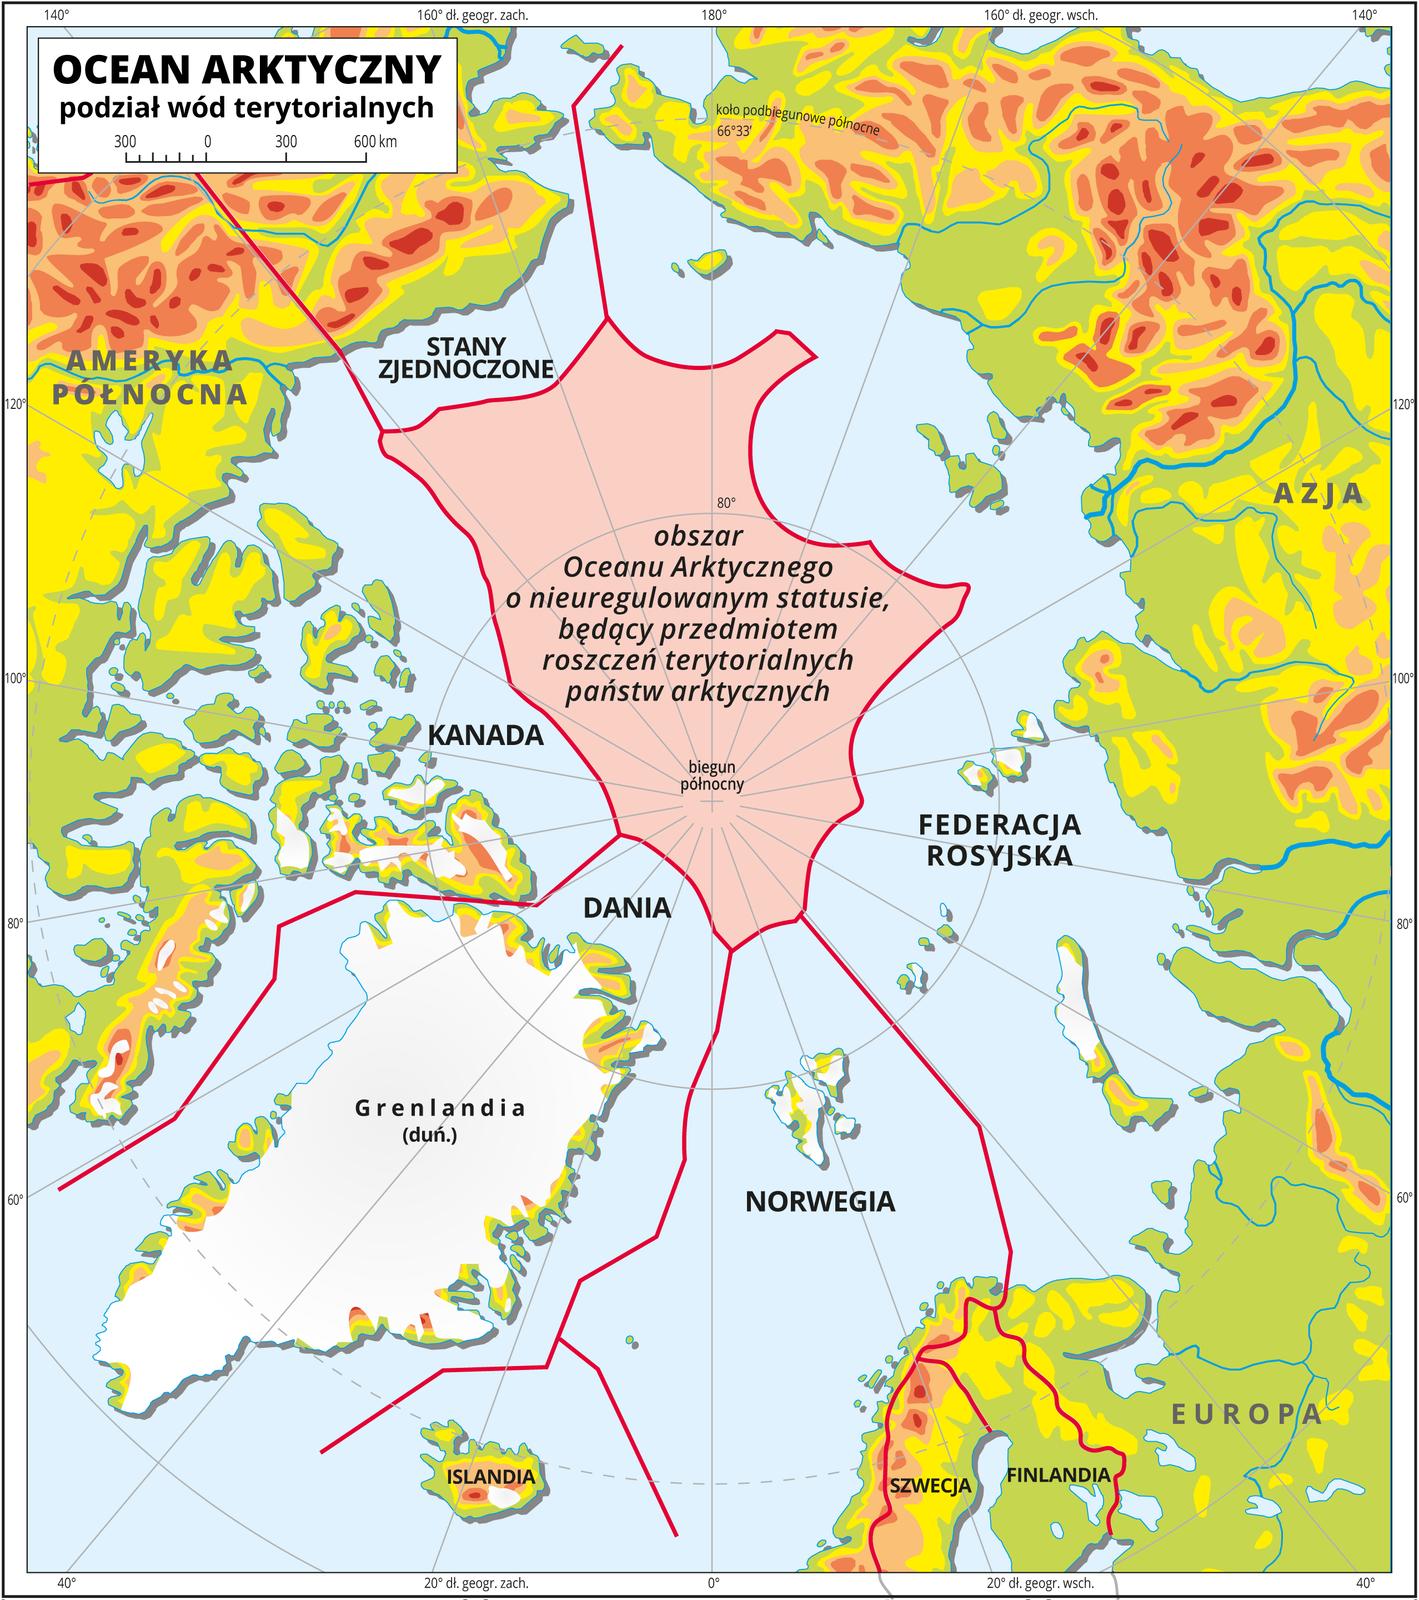 Ilustracja przedstawia mapę Oceanu Arktycznego. Na mapie przedstawiono podział wód terytorialnych. Poprowadzono czerwone linie. Przypisano obszary Oceanu Arktycznego Stanom Zjednoczonym, Kanadzie, Danii, Norwegii, Federacji Rosyjskiej. Centralną cześć Oceanu Arktycznego wokół bieguna północnego opisano jako obszar Oceanu Arktycznego onieuregulowanym statusie, będący przedmiotem roszczeń terytorialnych państw arktycznych. Na mapie południki irównoleżniki. Dookoła mapy wbiałej ramce opisano współrzędne geograficzne co dwadzieścia stopni.